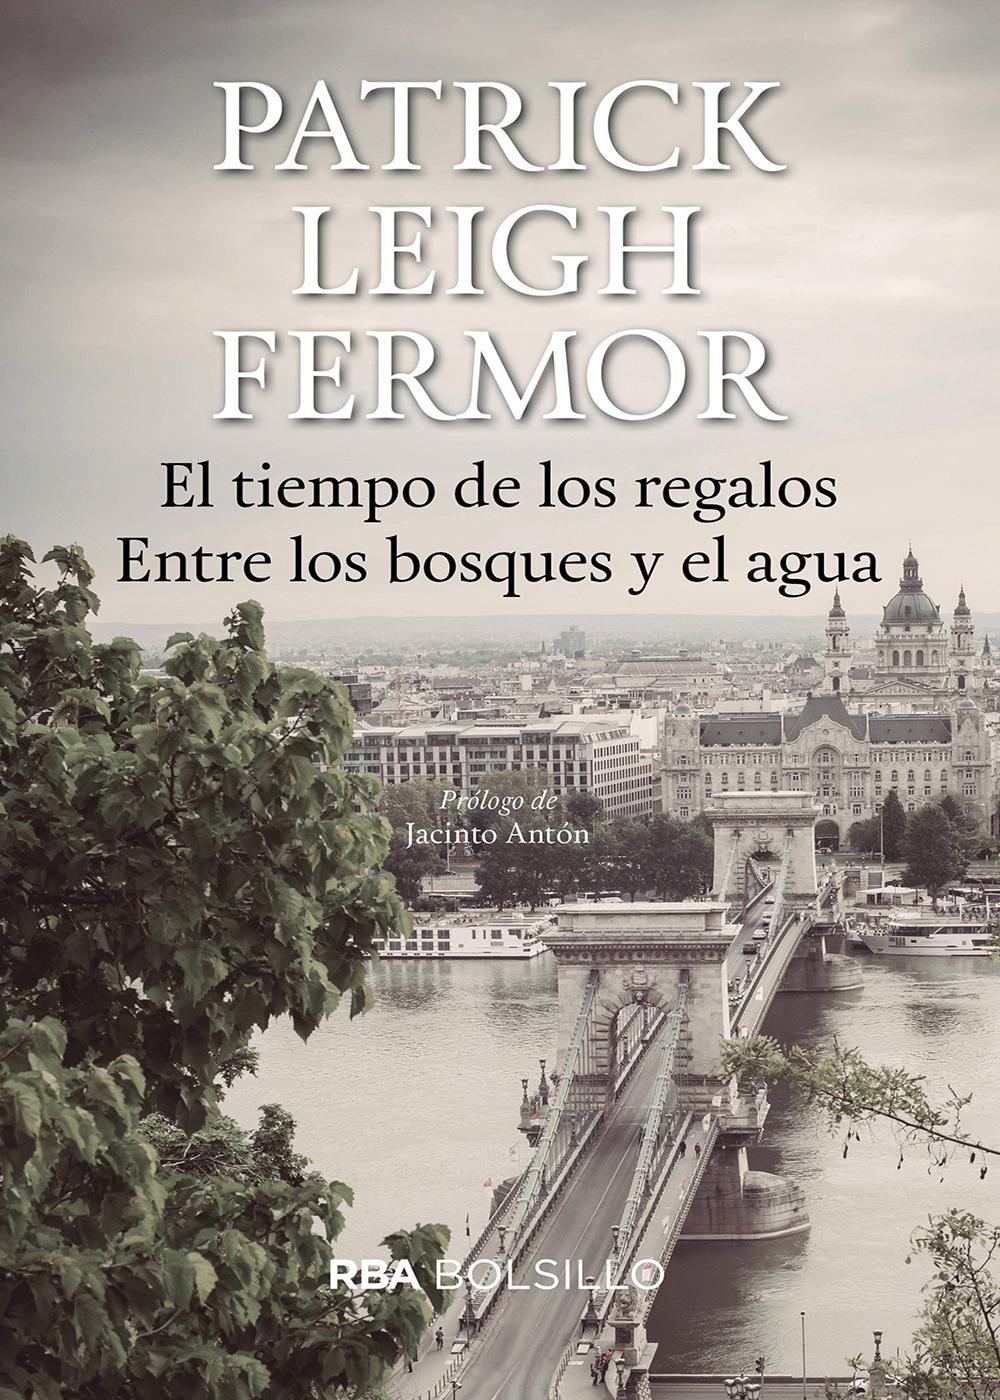 Patrick Leigh Fermor - El tiempo de los regalos